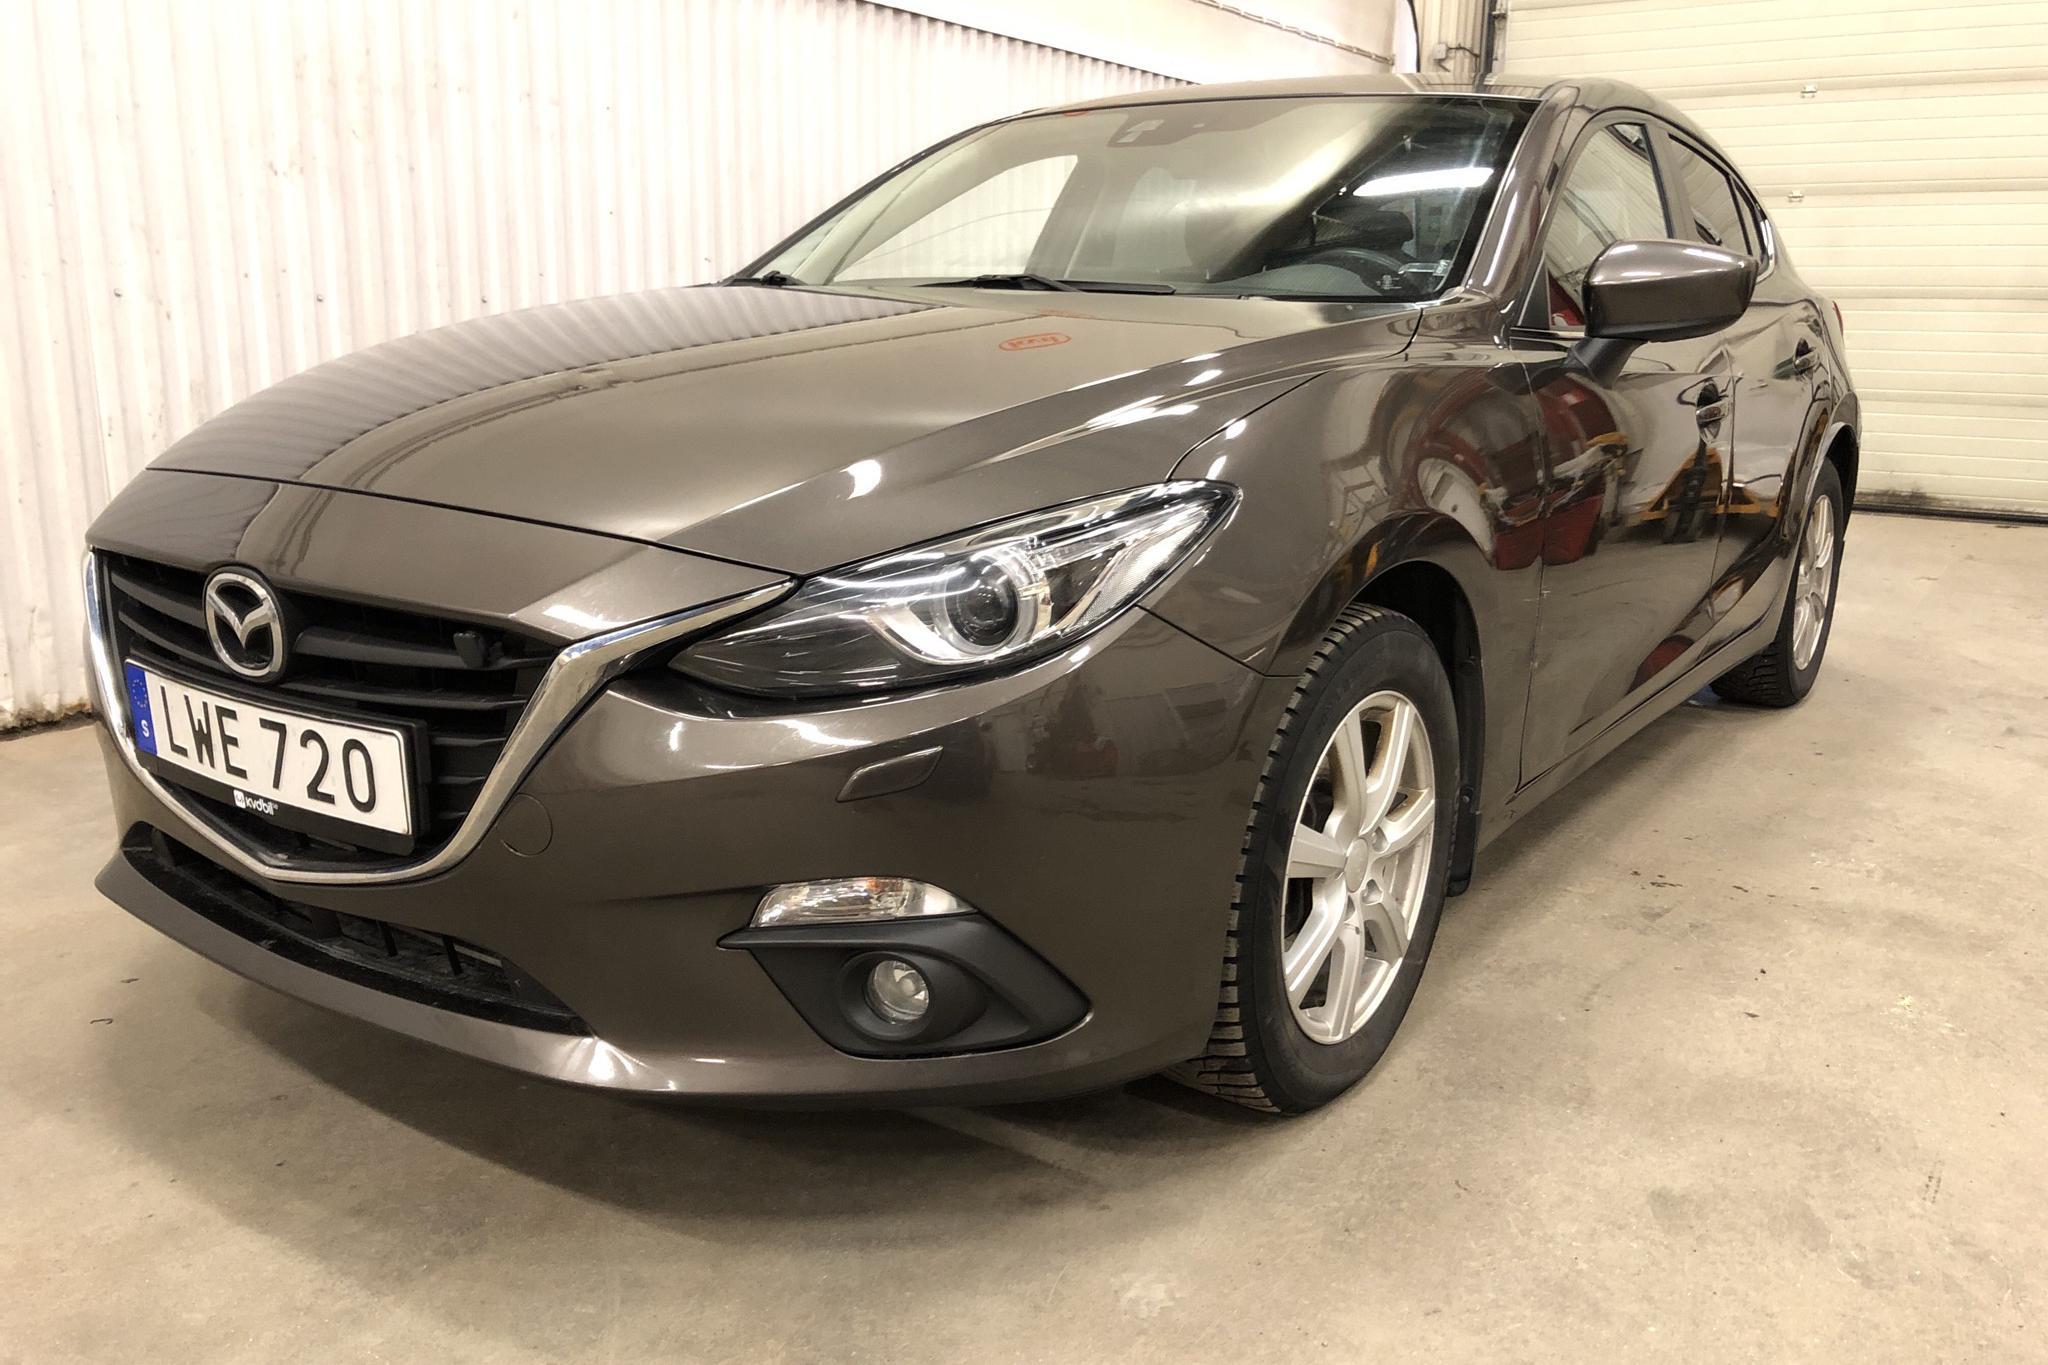 Mazda 3 Sport 2.2 DE 5dr (150hk) - 159 660 km - Manual - brown - 2015